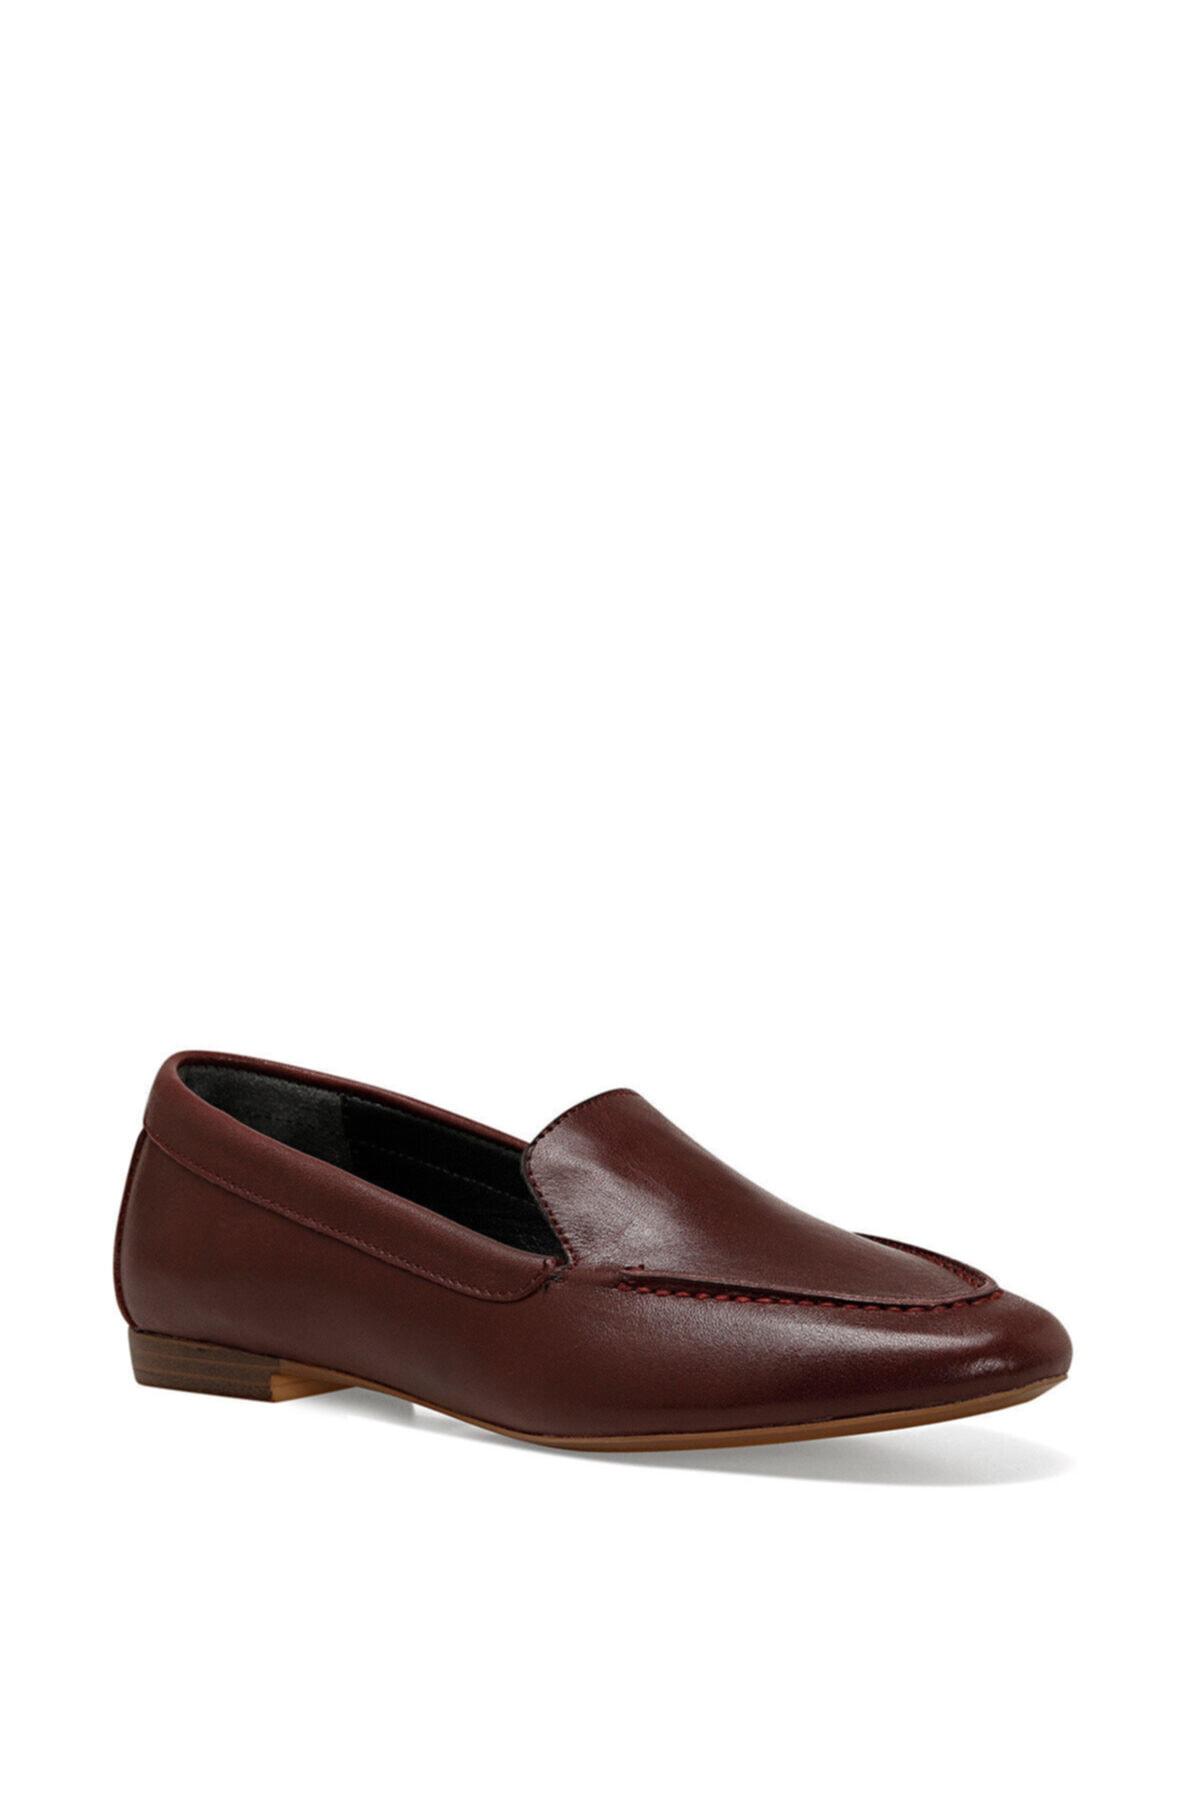 Nine West SUSHI Bordo Kadın Loafer Ayakkabı 100582253 2